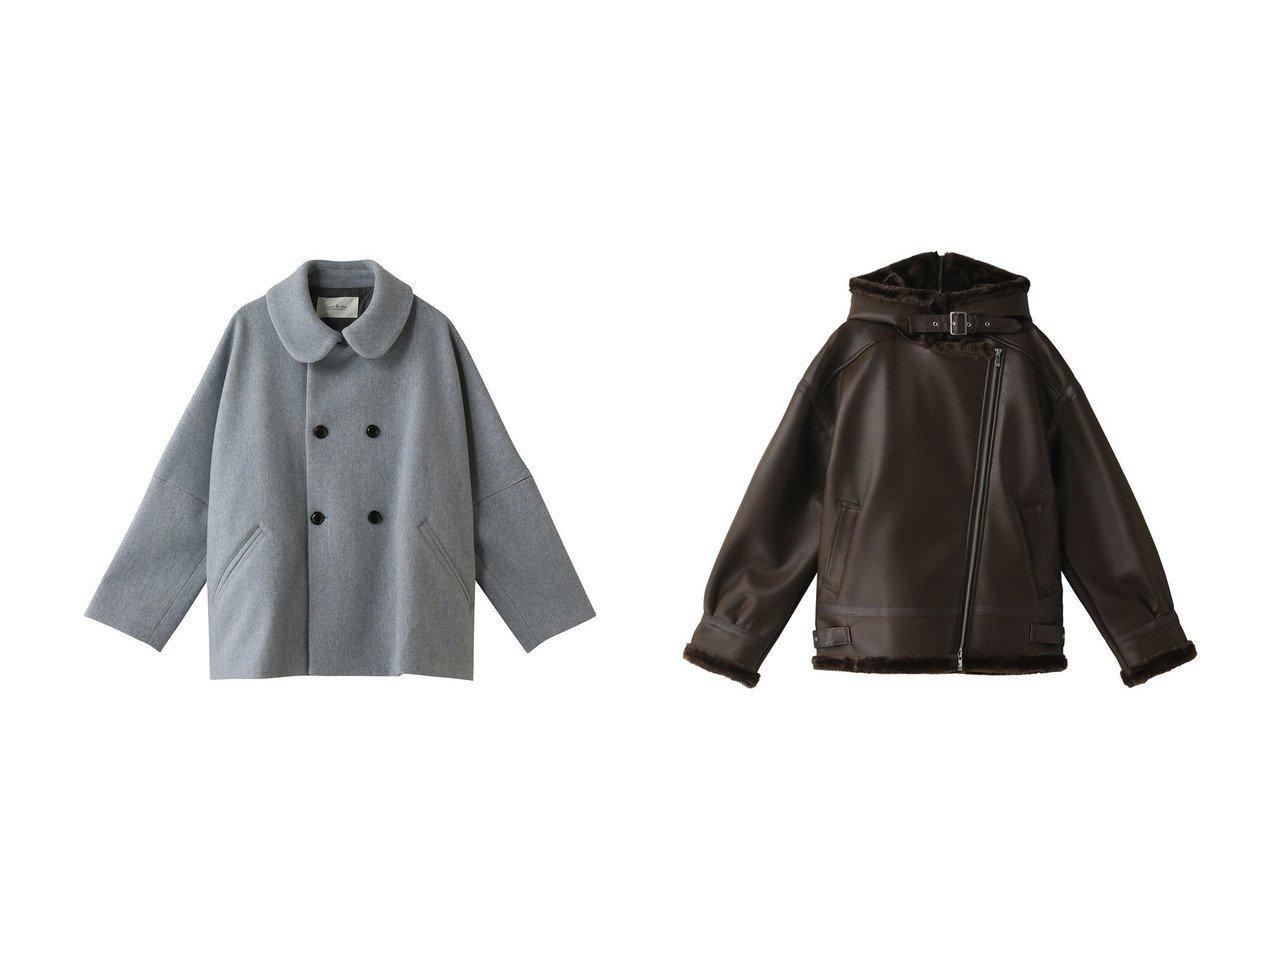 【MAISON SPECIAL/メゾンスペシャル】のヴィーガンレザーファーライダースジャケット&【nest Robe/ネストローブ】のウールモッサーWショートコート アウターのおすすめ!人気、レディースファッションの通販  おすすめで人気のファッション通販商品 インテリア・家具・キッズファッション・メンズファッション・レディースファッション・服の通販 founy(ファニー) https://founy.com/ ファッション Fashion レディース WOMEN アウター Coat Outerwear コート Coats ジャケット Jackets ブルゾン Blouson Jackets ライダース Riders Jacket コクーン ショート ダウン フェミニン ロング インナー ジャケット フェイクレザー ブルゾン ミリタリー リアル |ID:crp329100000003219